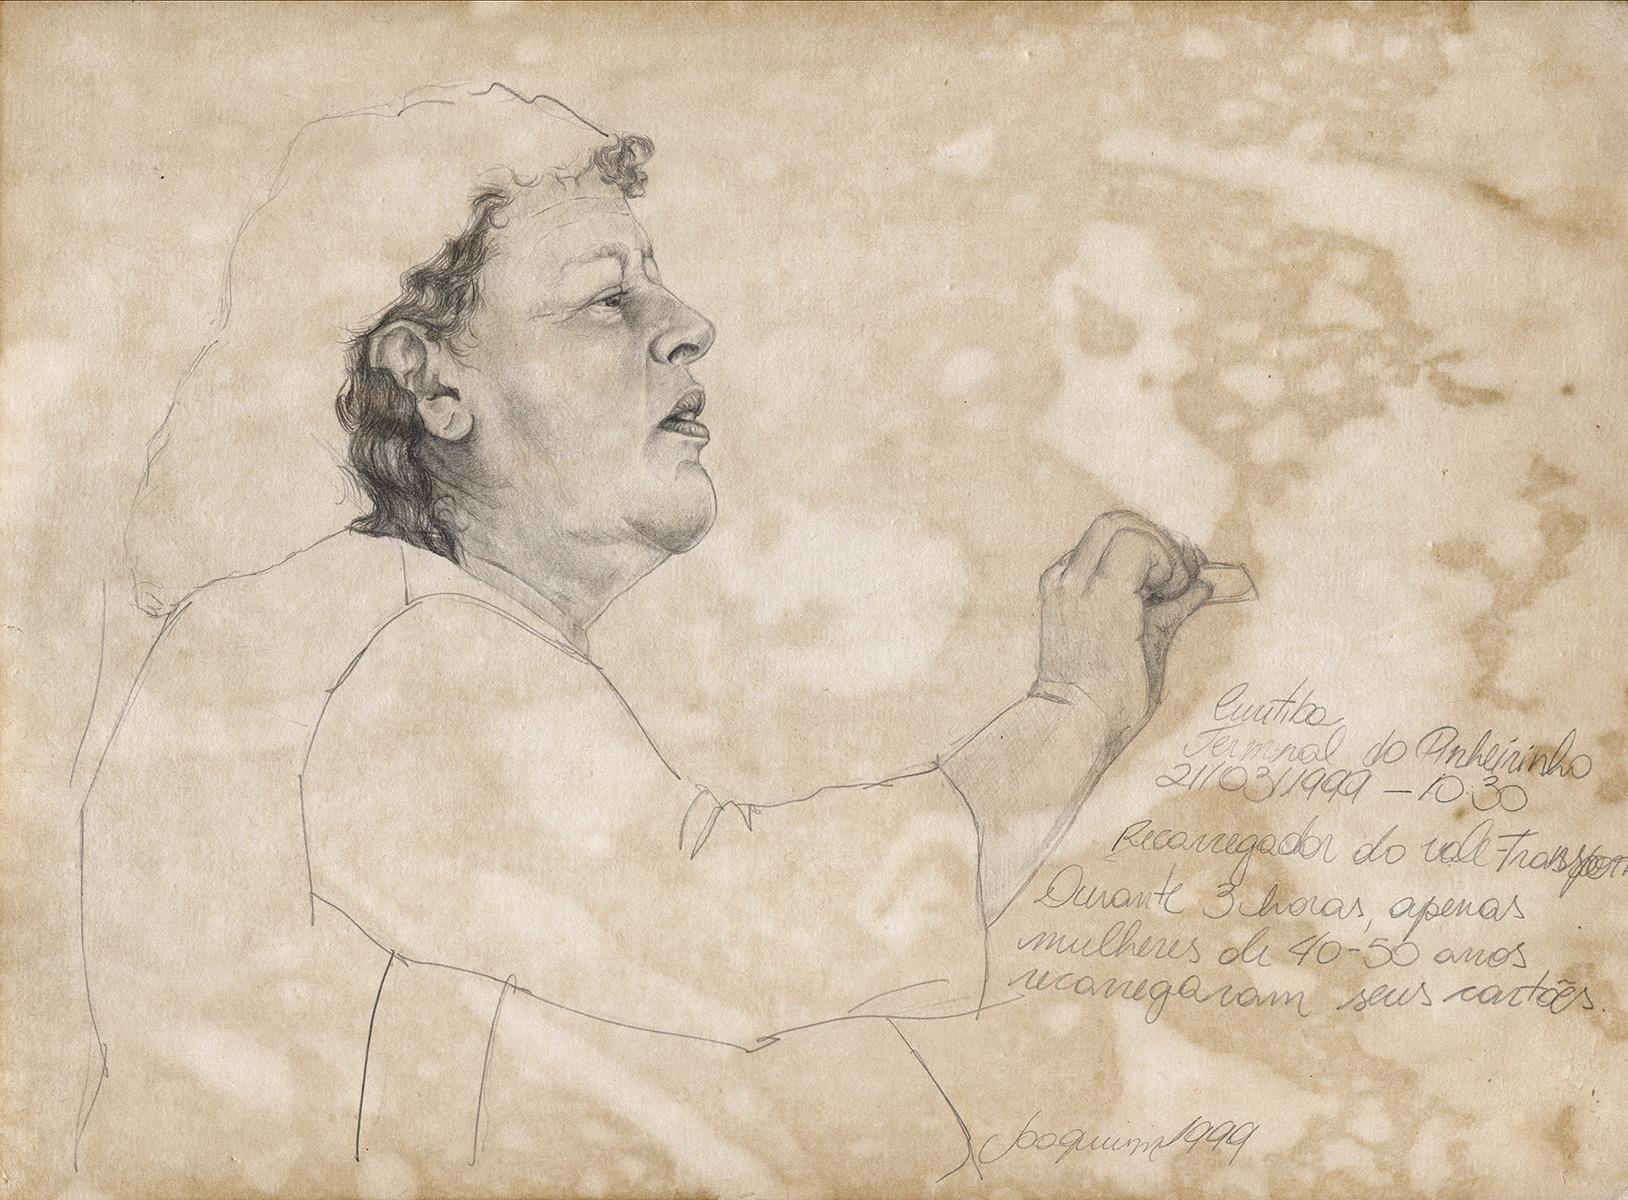 Desenho atribuído a Joaquim de Souza - Fase 1 - 1999.03.21_(10.30)